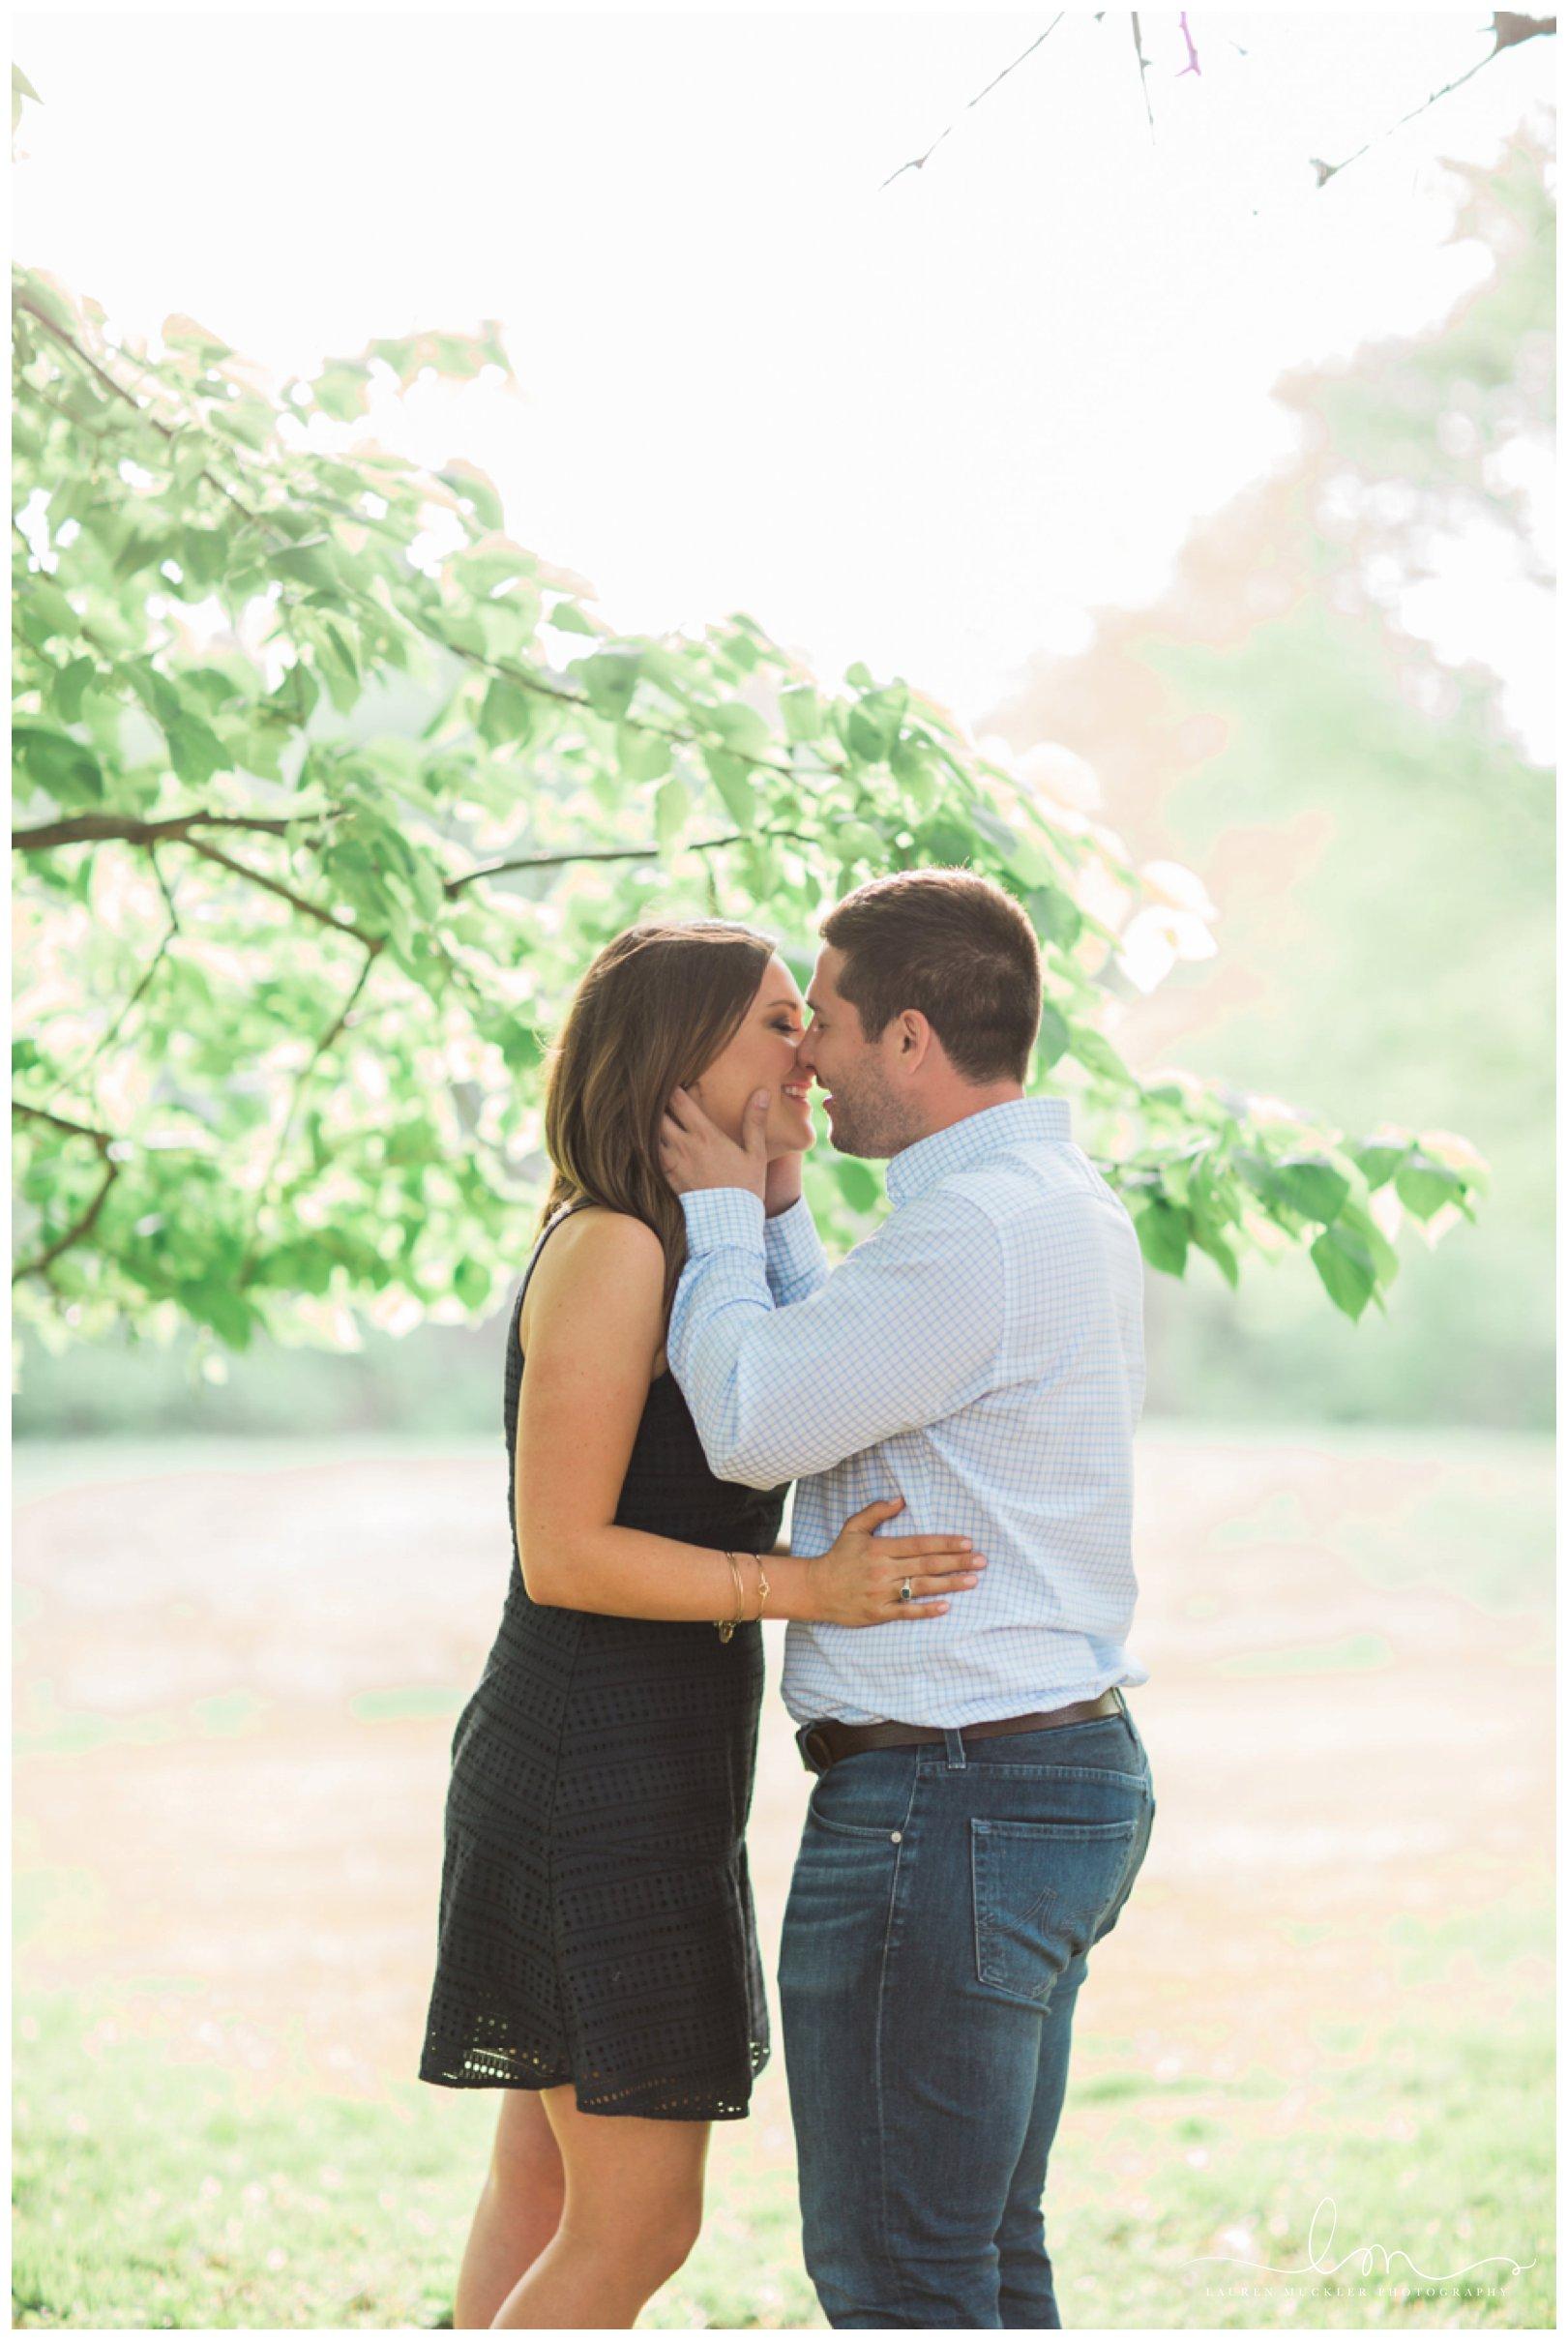 lauren muckler photography_fine art film wedding photography_st louis_photography_0166.jpg